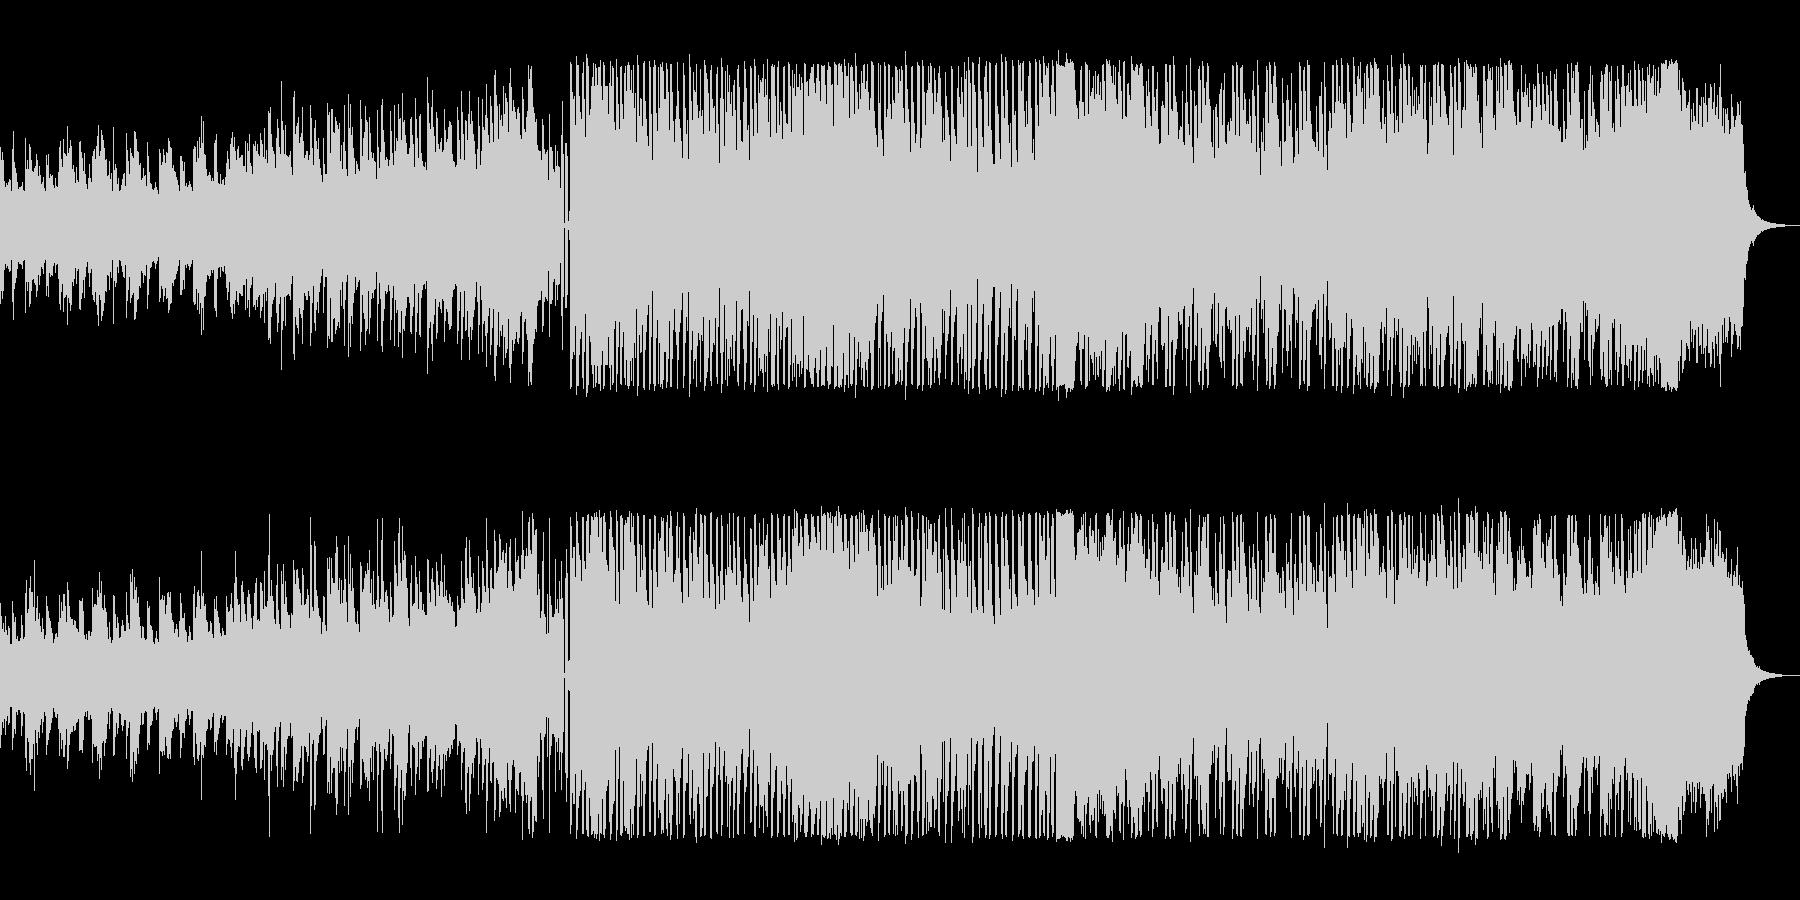 キラキラしたテクノのシンセサイザーの曲の未再生の波形